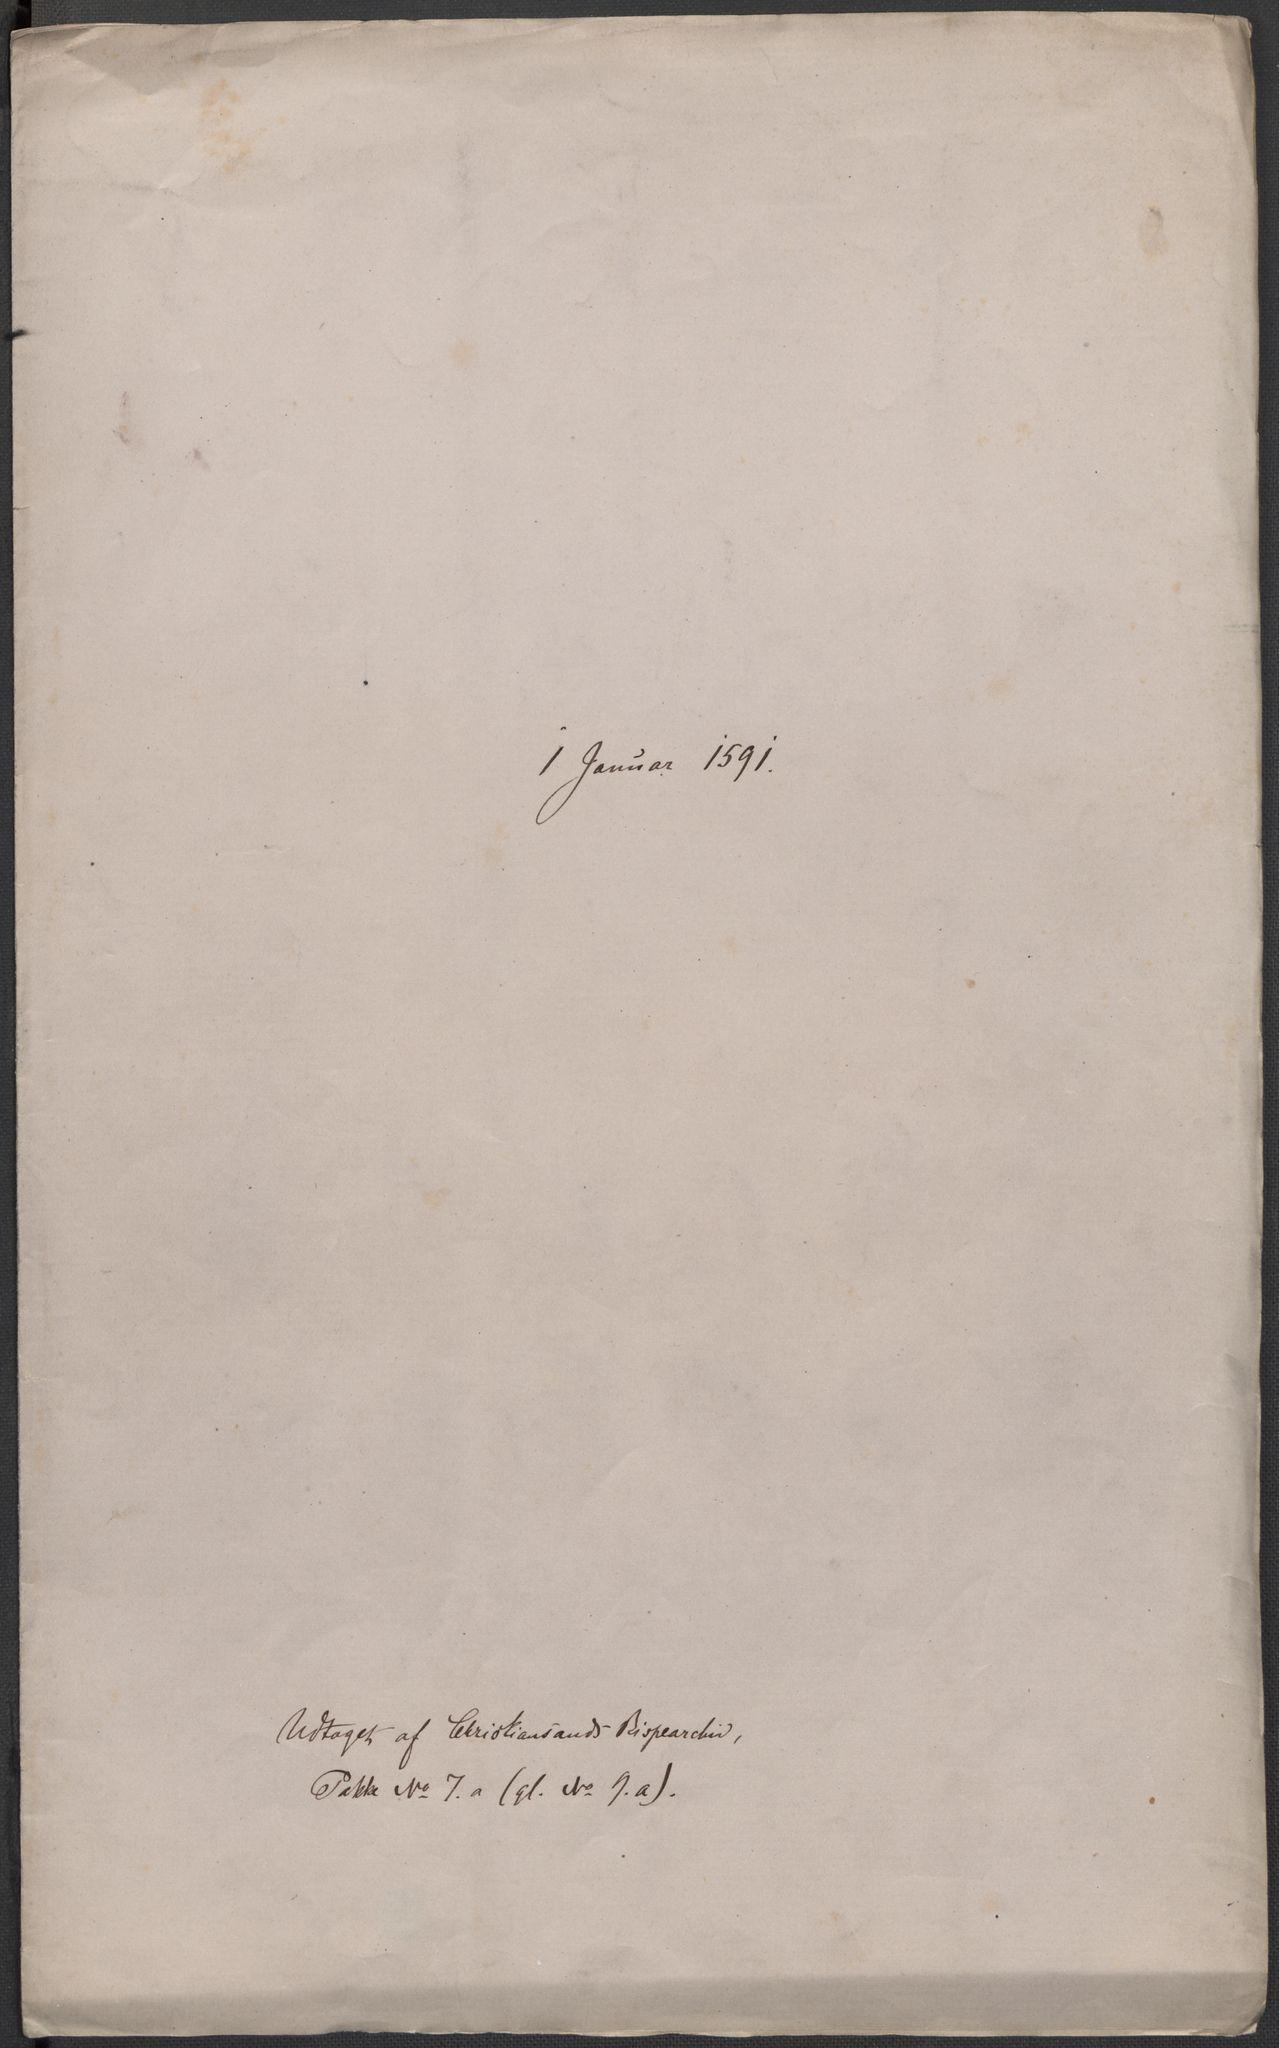 RA, Riksarkivets diplomsamling, F02/L0093: Dokumenter, 1591, s. 2